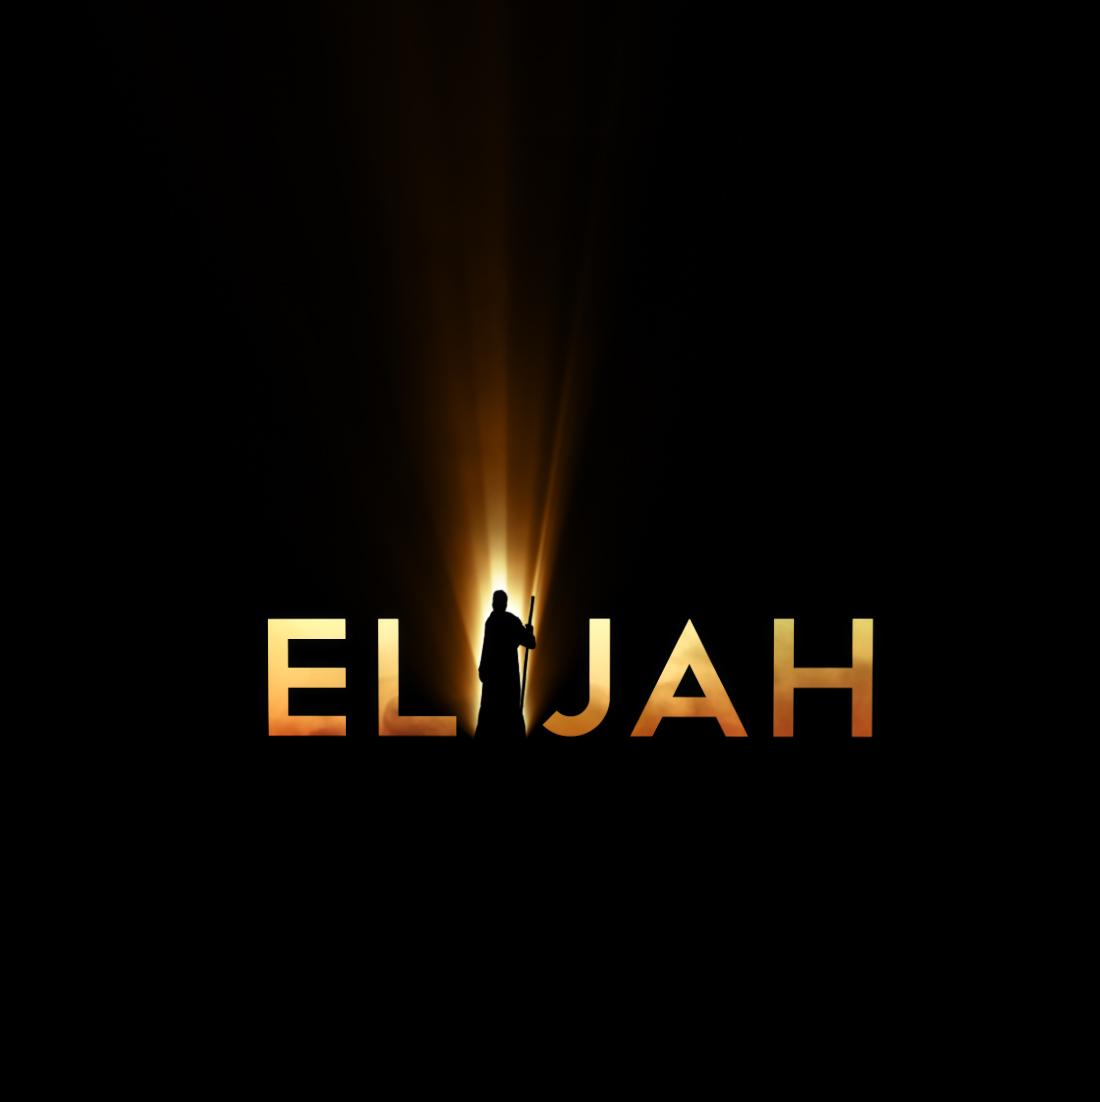 Elisha character study